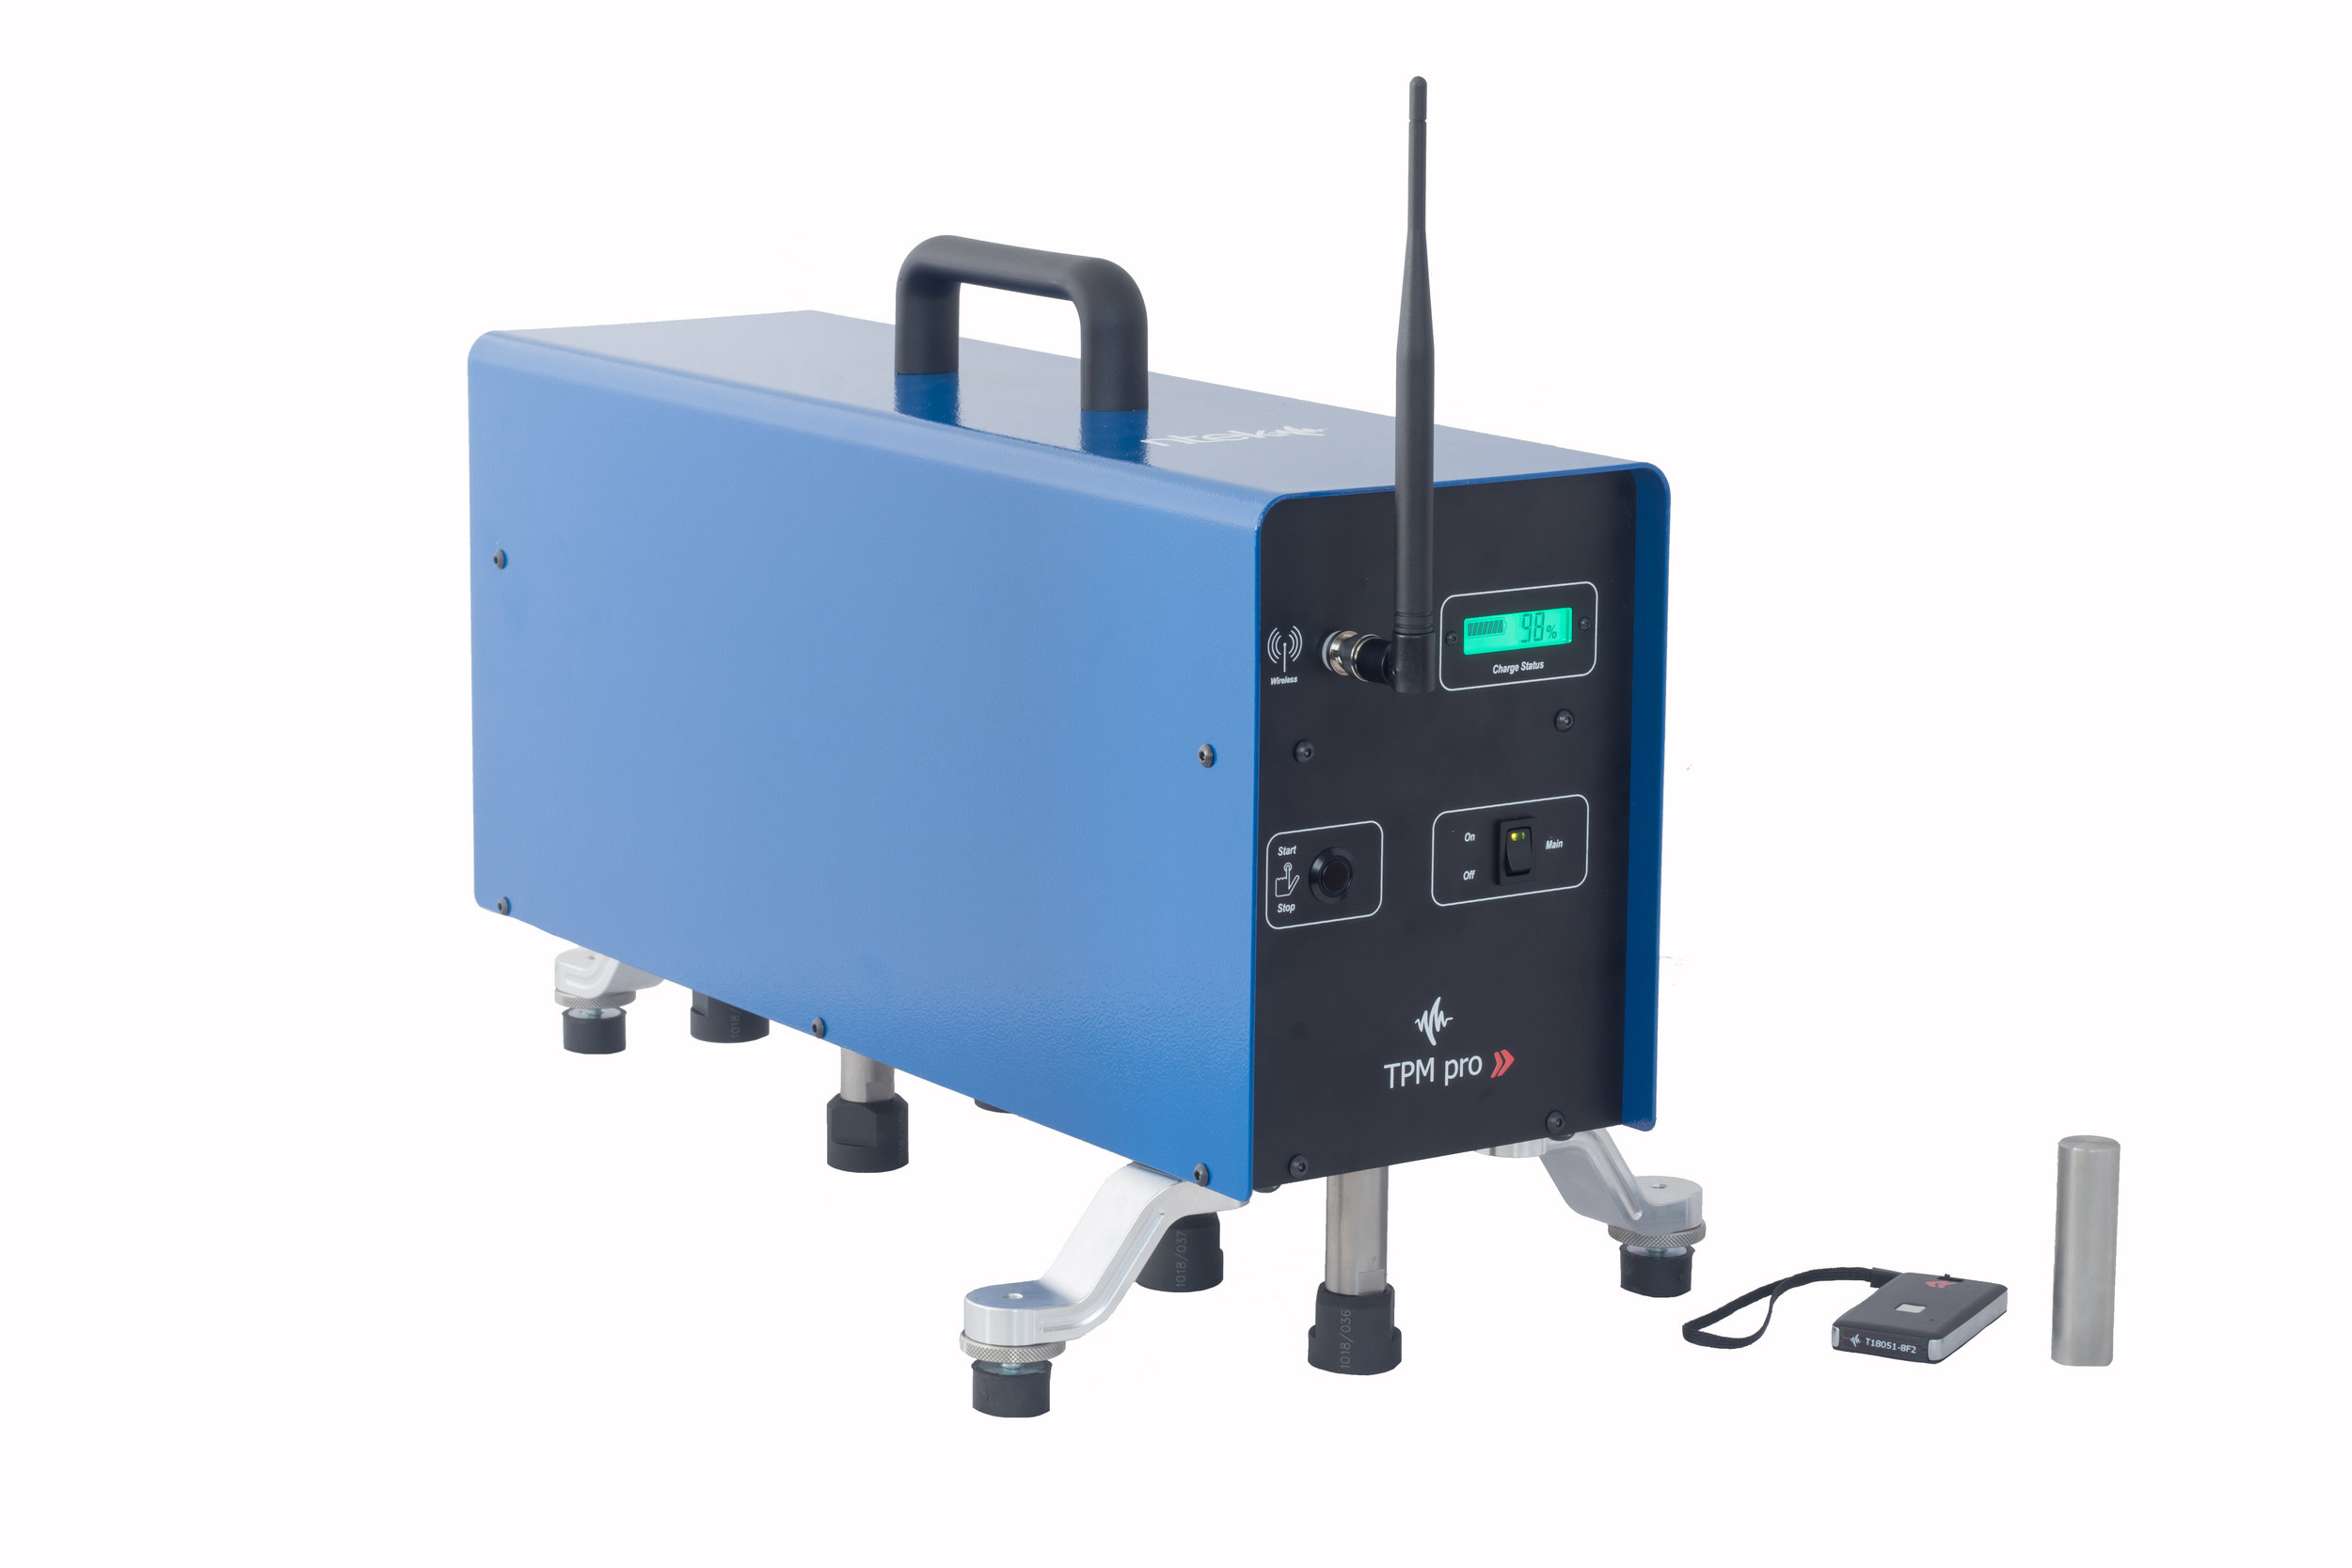 TPM-PRO tapping machine